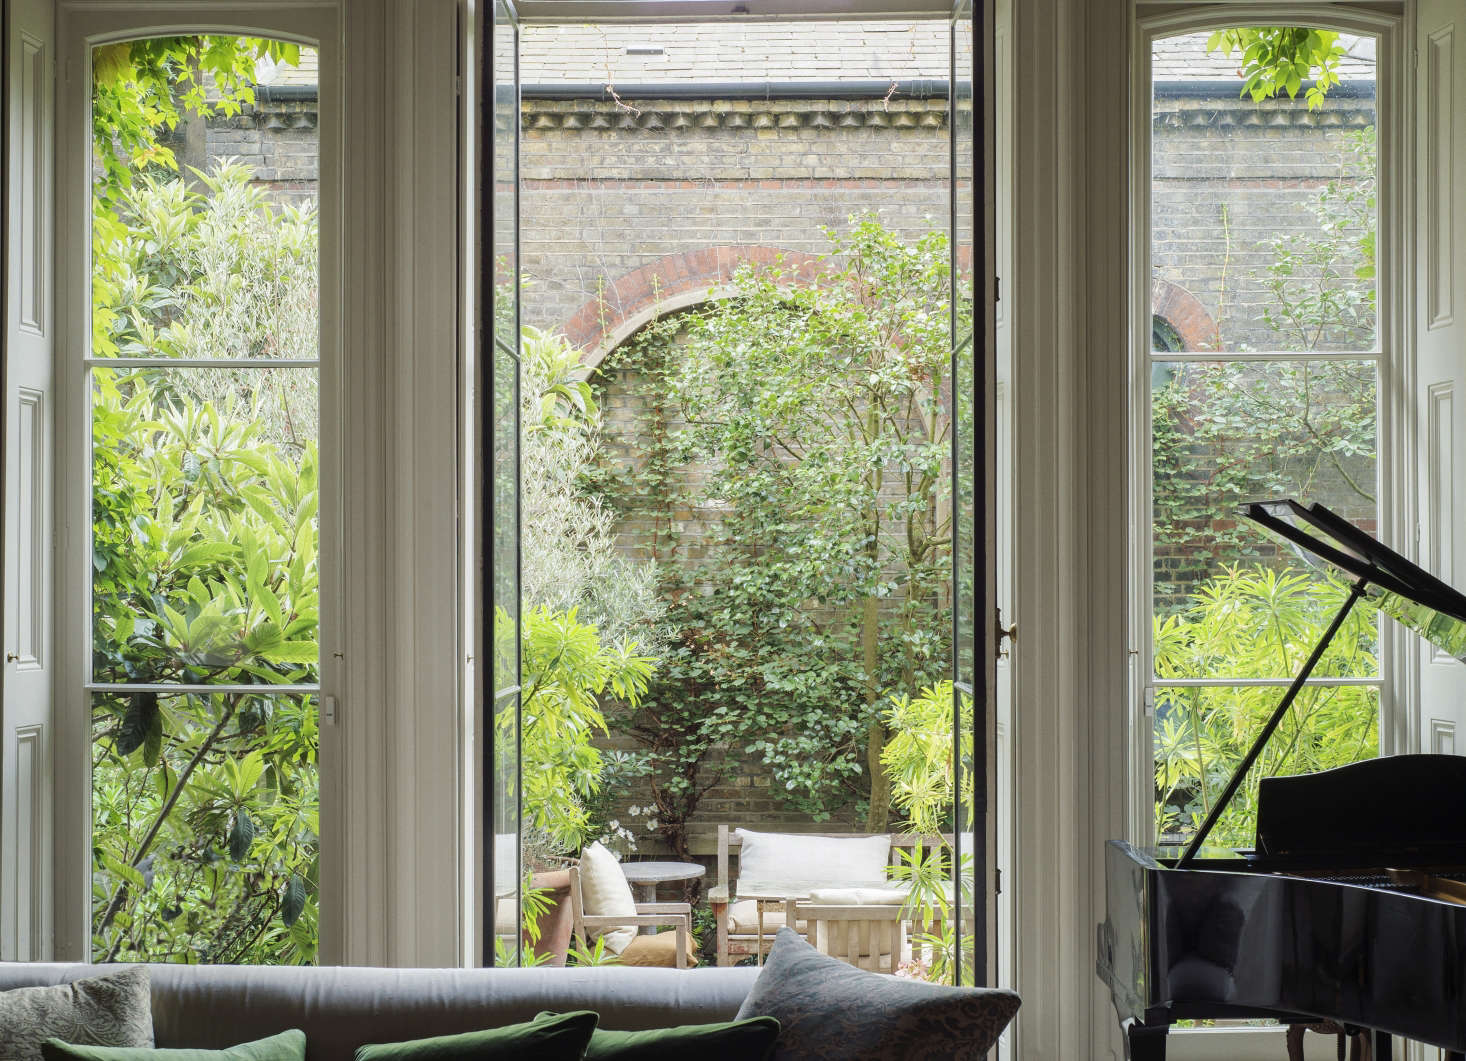 London-based designer Rose Uniacke's roof garden enjoys full sun. Photograph by Matthew Williams for Gardenista.